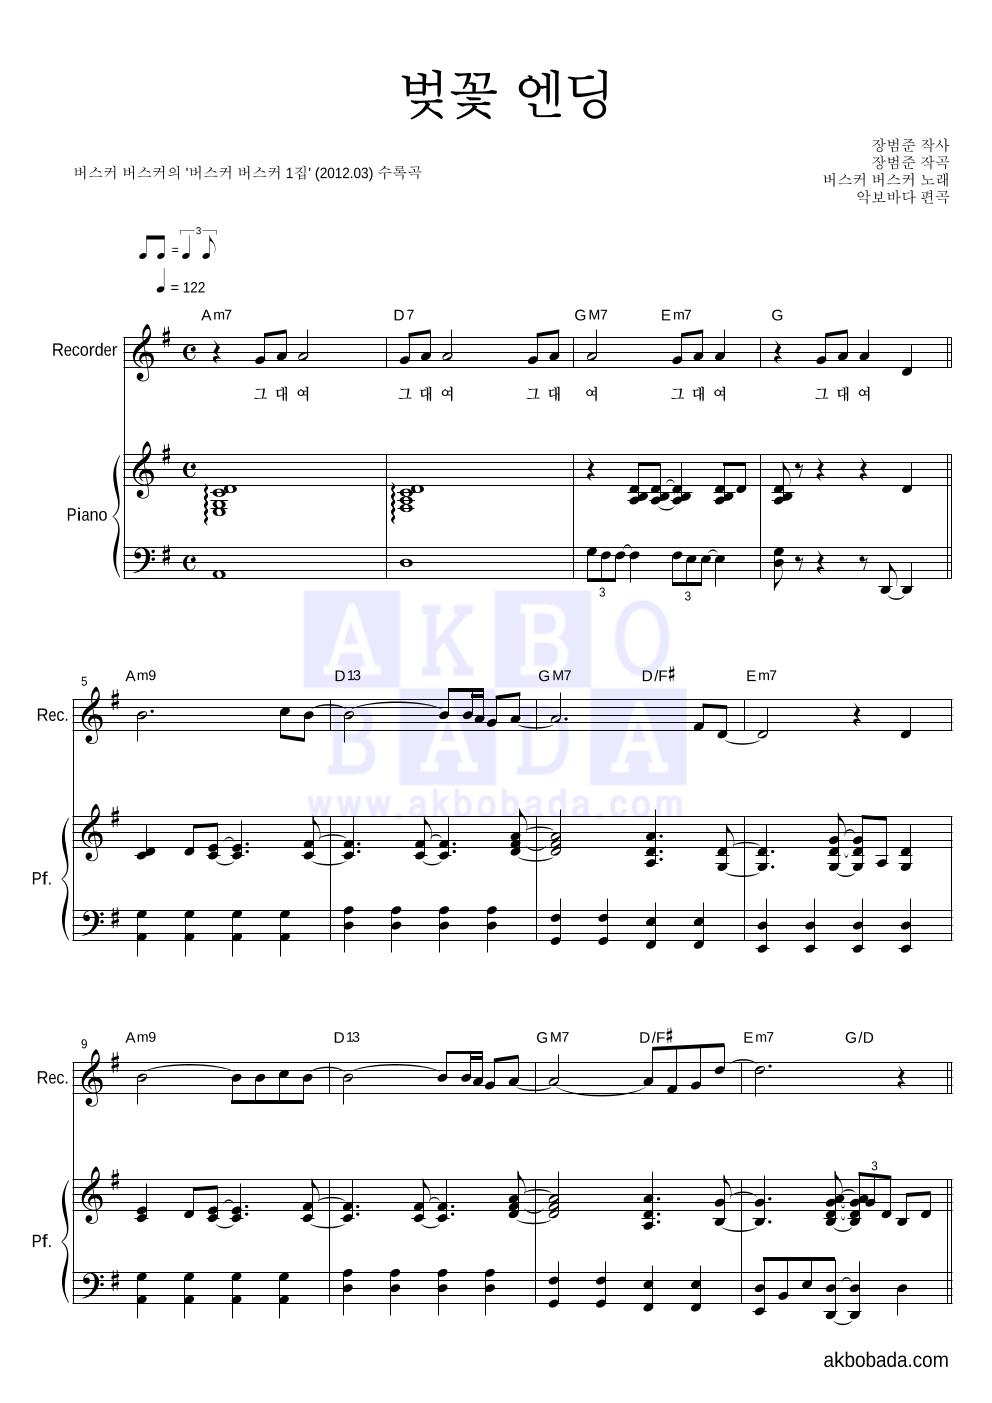 버스커 버스커 - 벚꽃 엔딩 리코더&피아노 악보